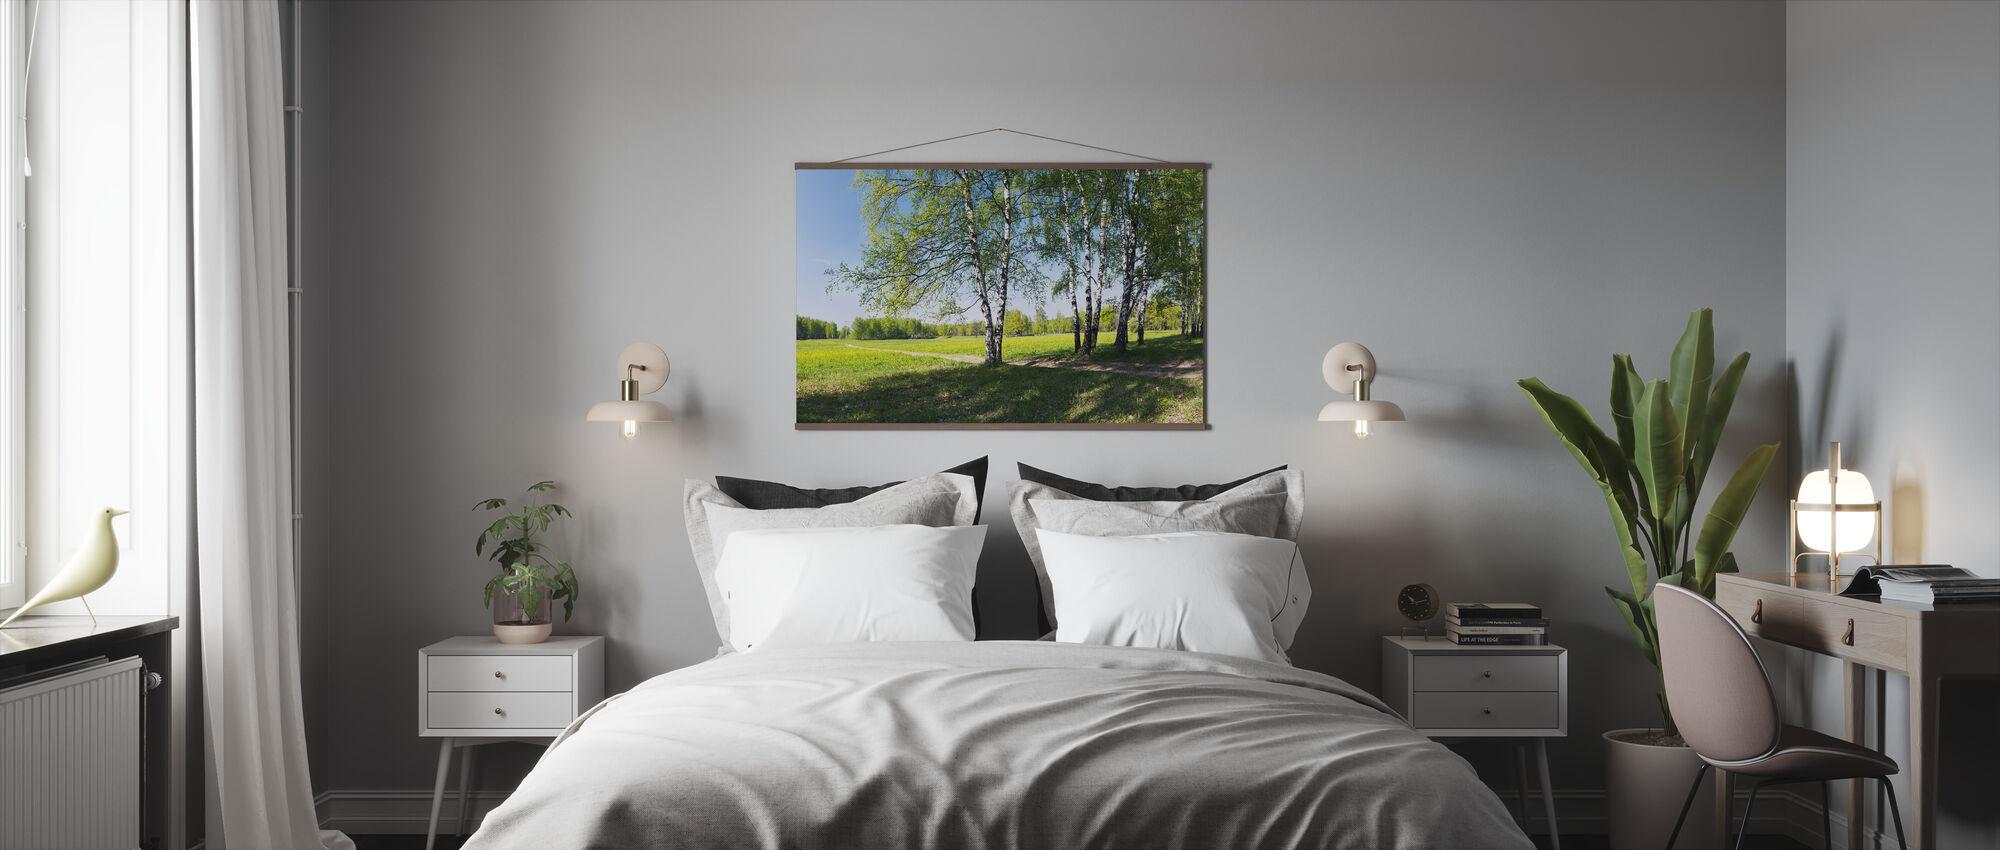 Het platteland - Poster - Slaapkamer